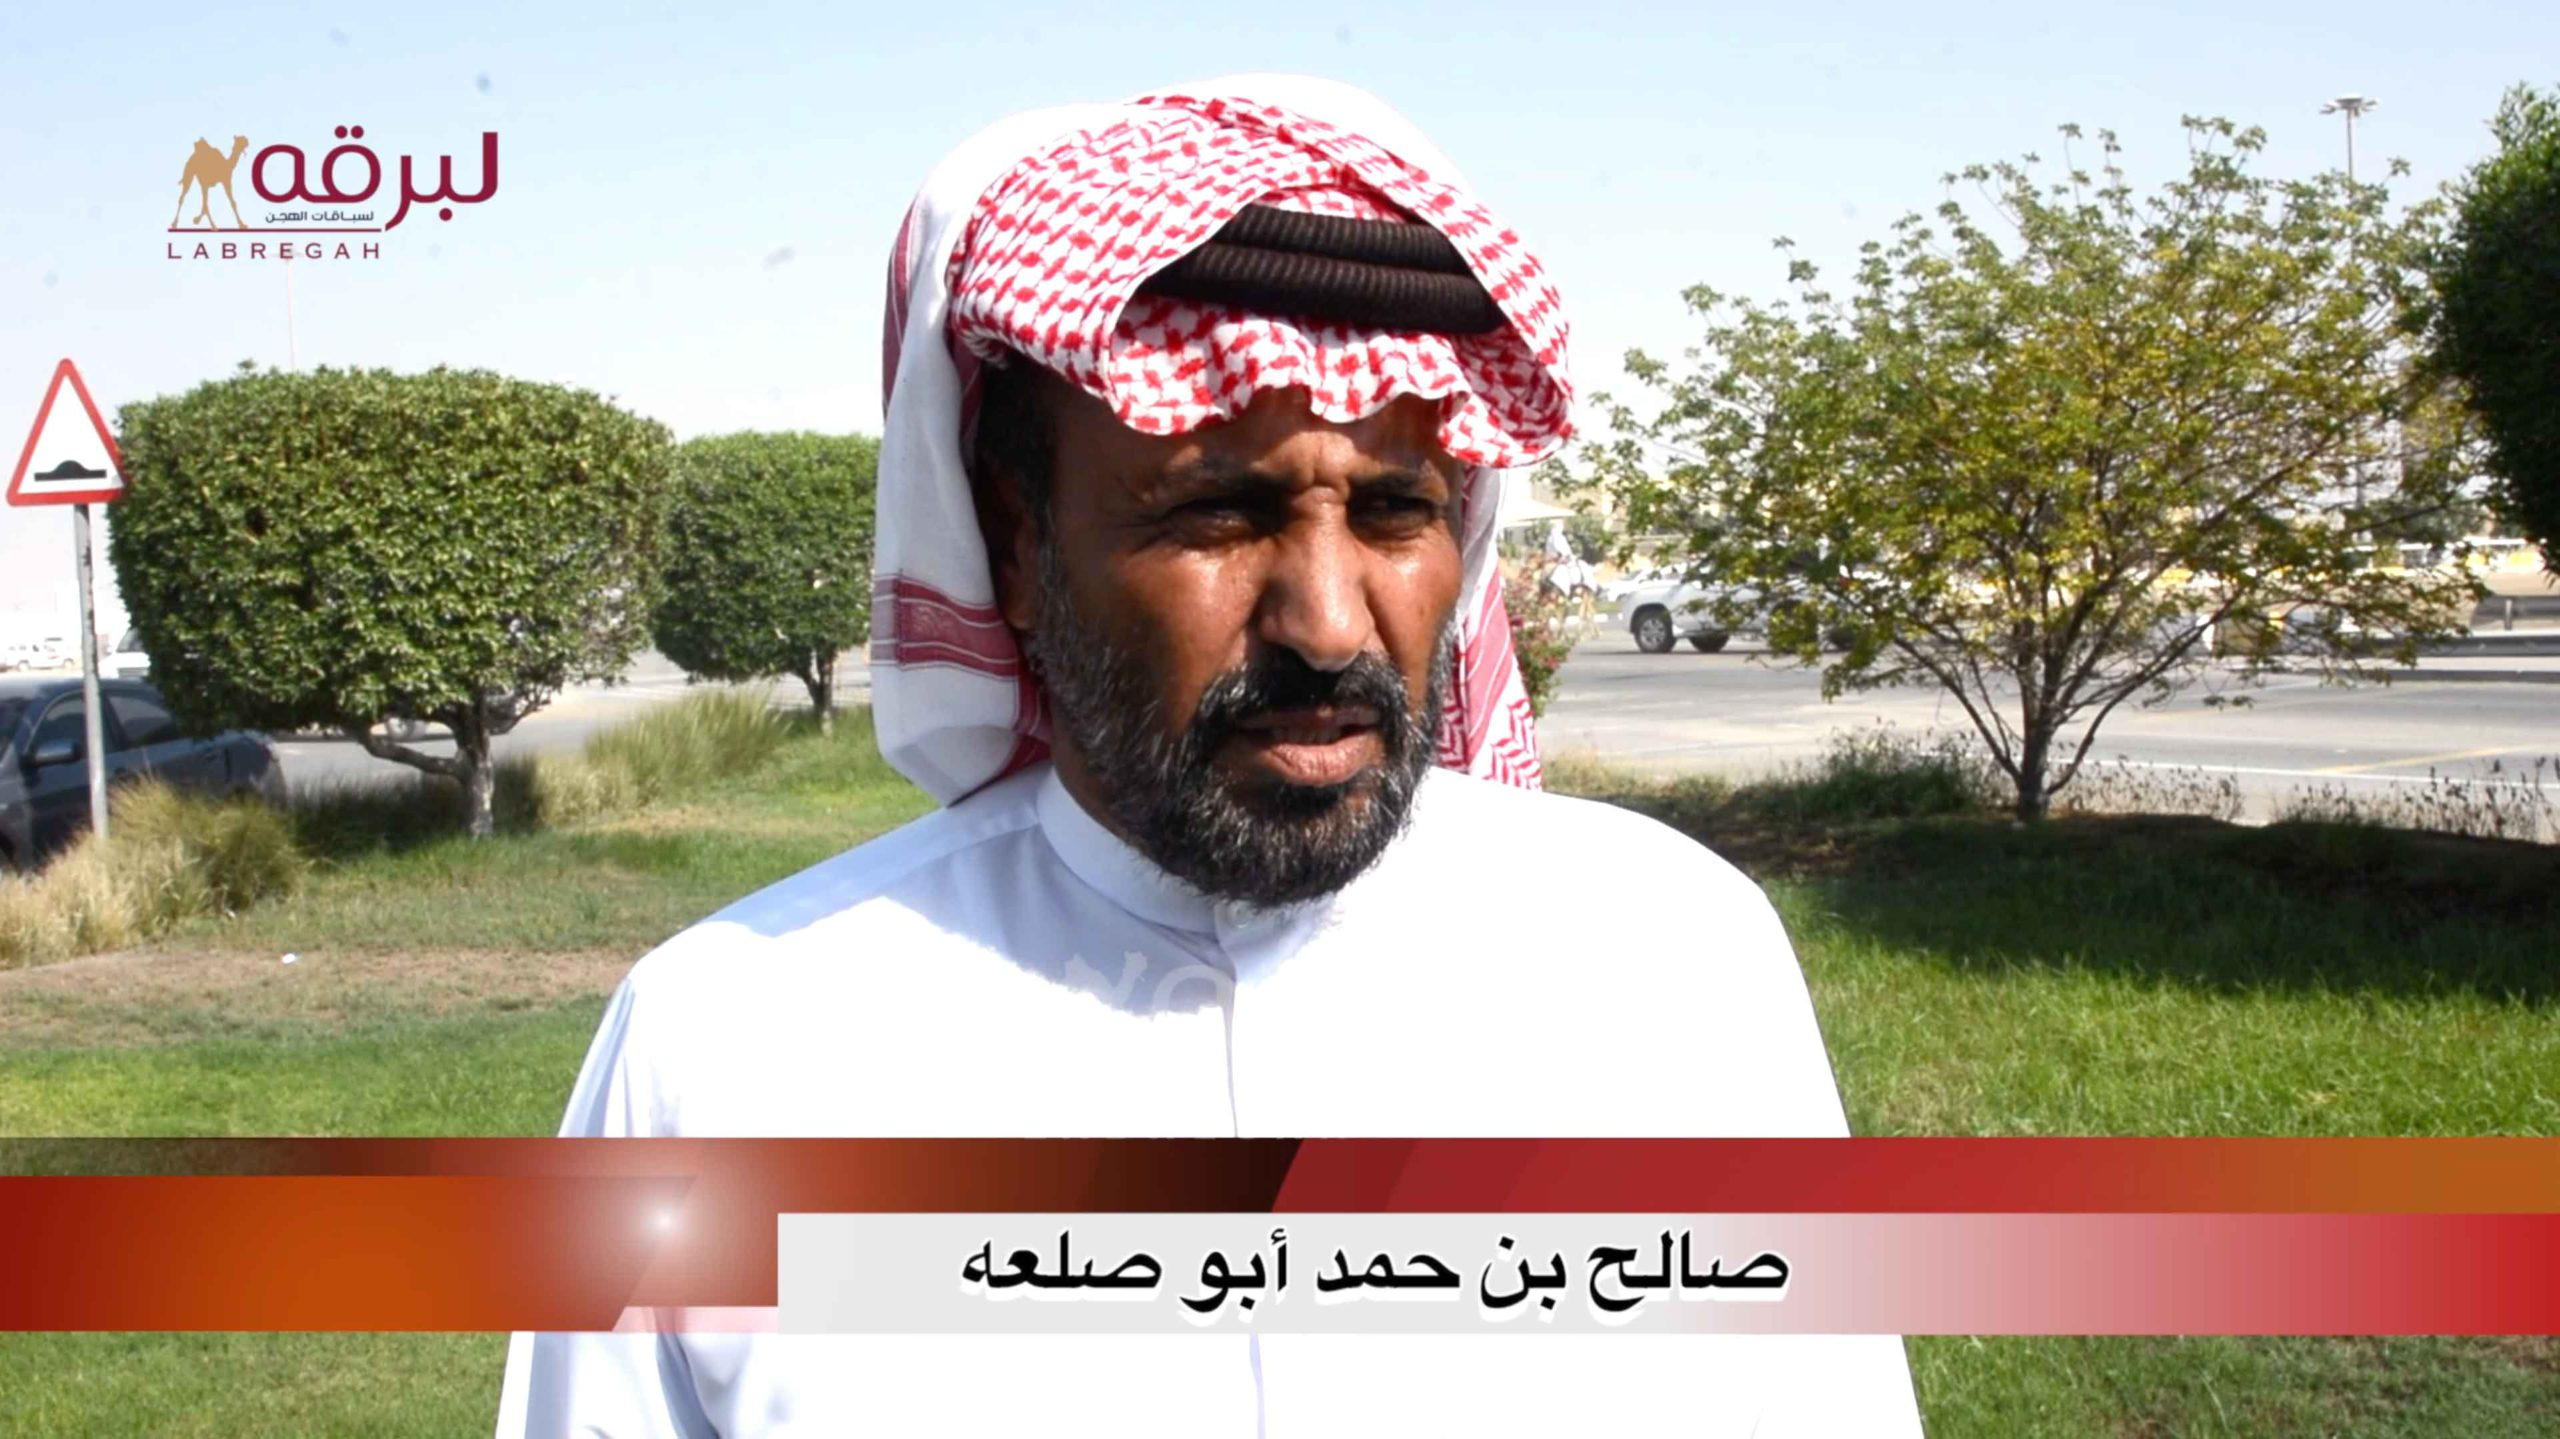 لقاء مع صالح بن حمد أبو صلعه.. الشوط الرئيسي للجذاع قعدان مفتوح الأشواط العامة ٢٣-٩-٢٠٢٠